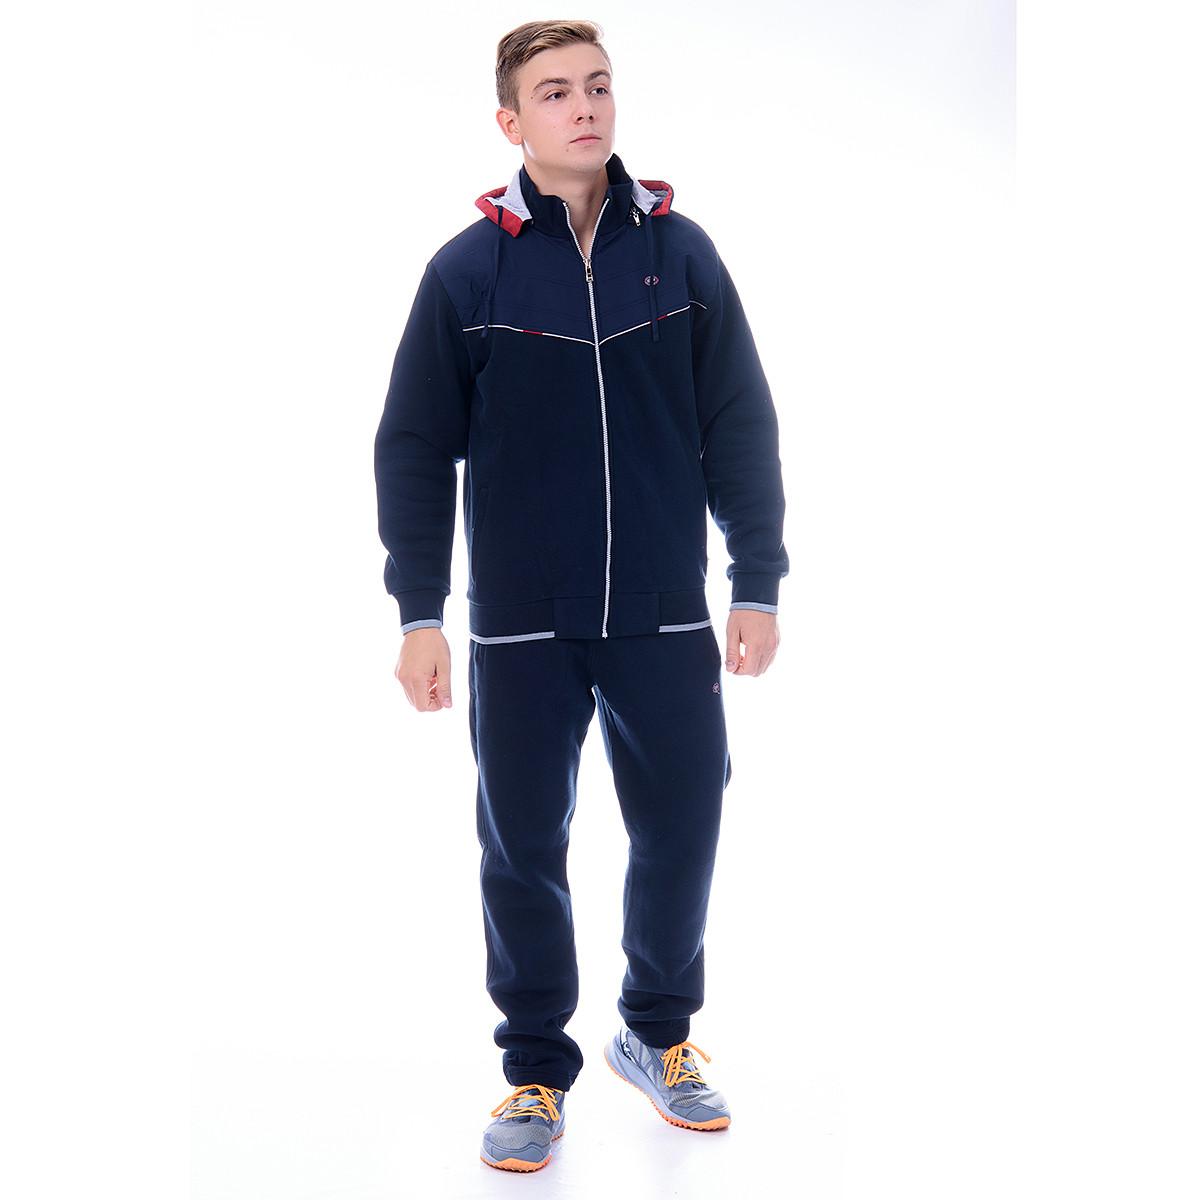 d5a742ab92bc Мужской теплый спортивный костюм с капюшоном пр-во Турция Piyera 5039